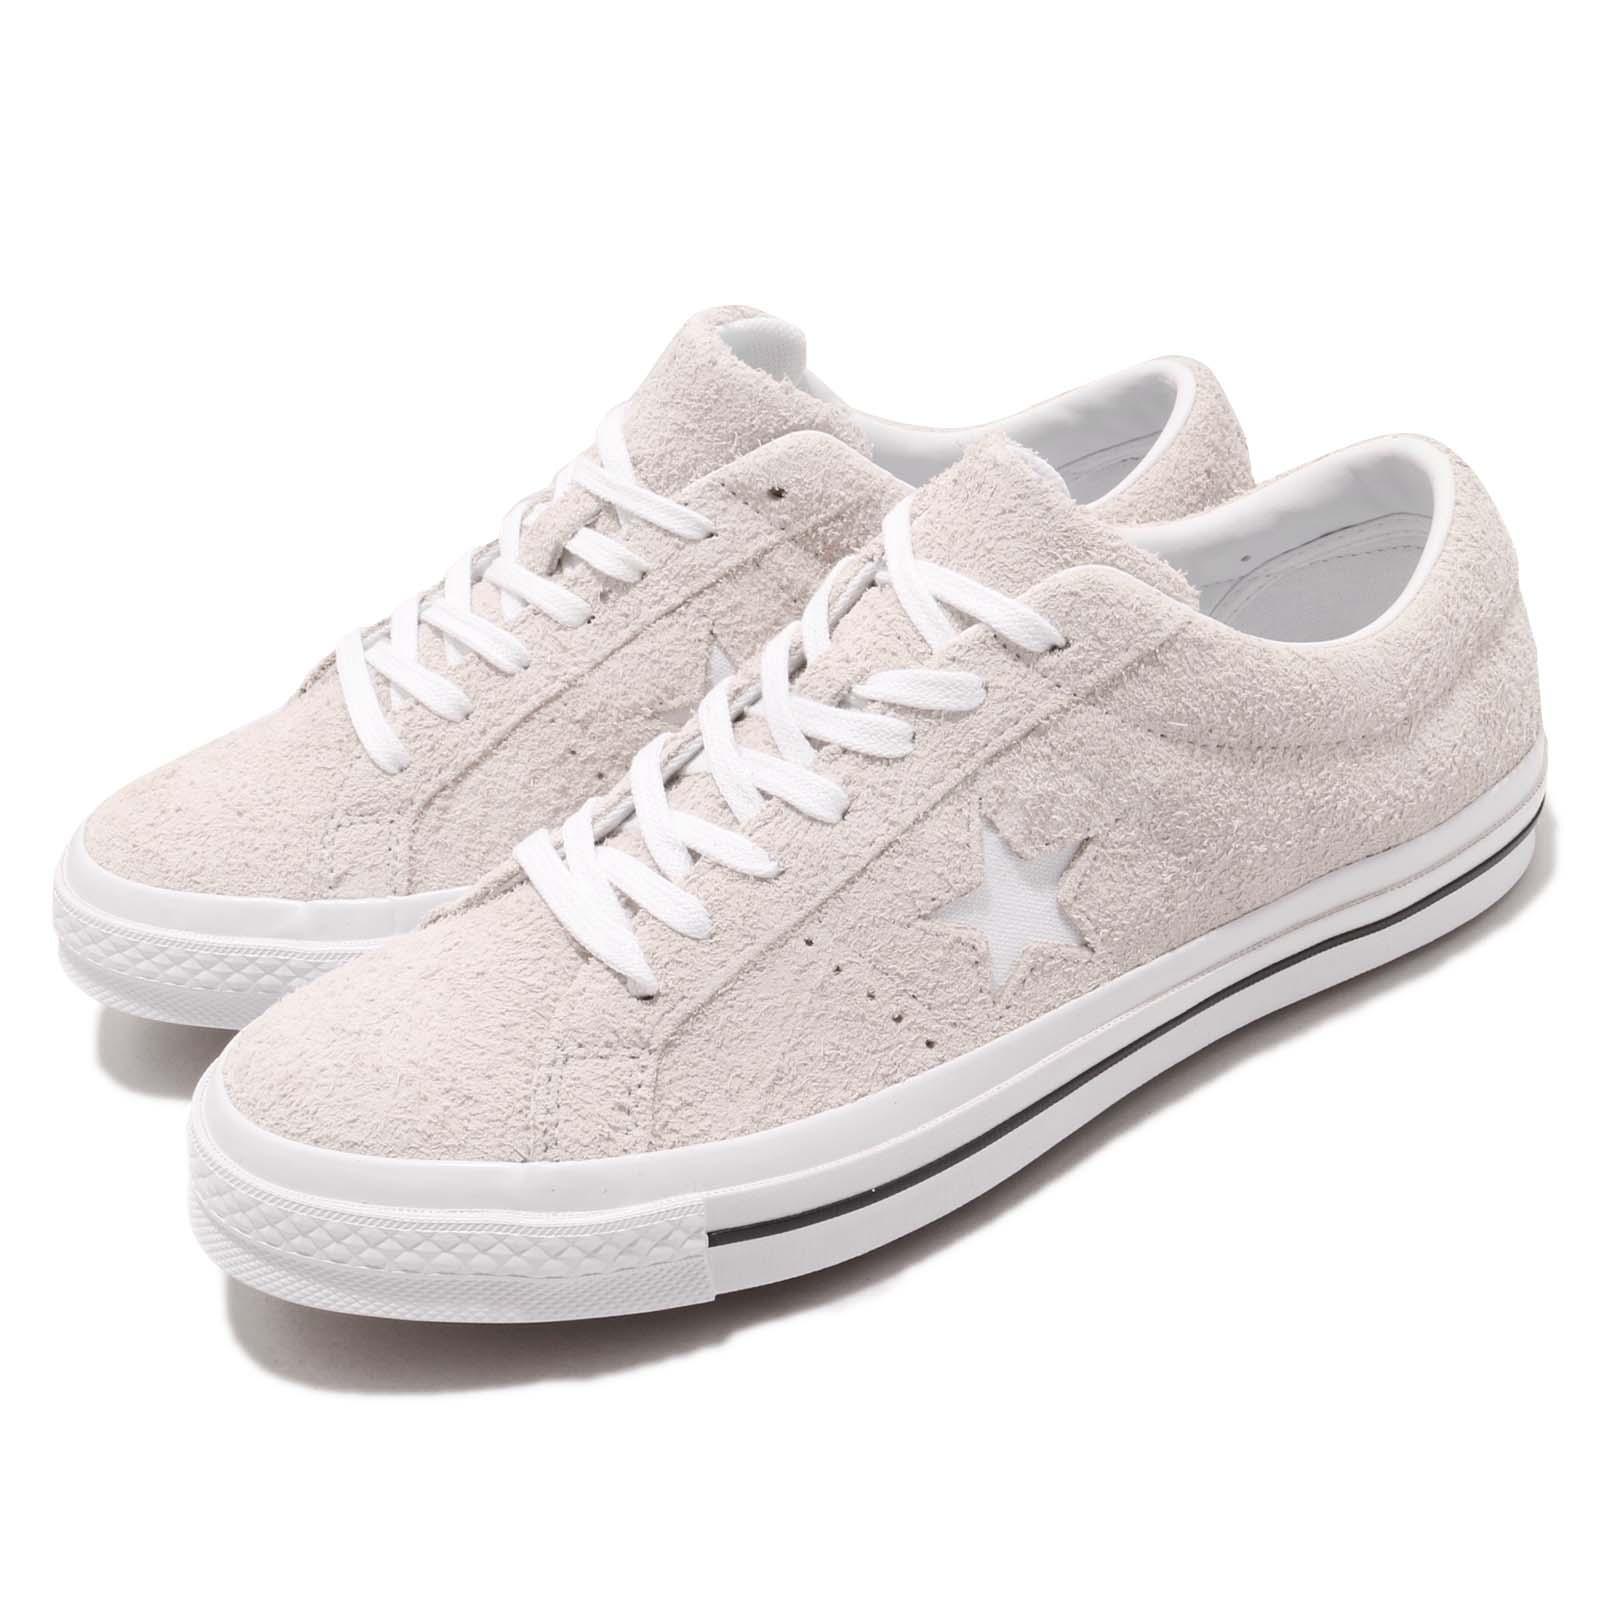 Converse One Star OX grigio bianca Suede Men donna Casual scarpe scarpe da ginnastica 161577C